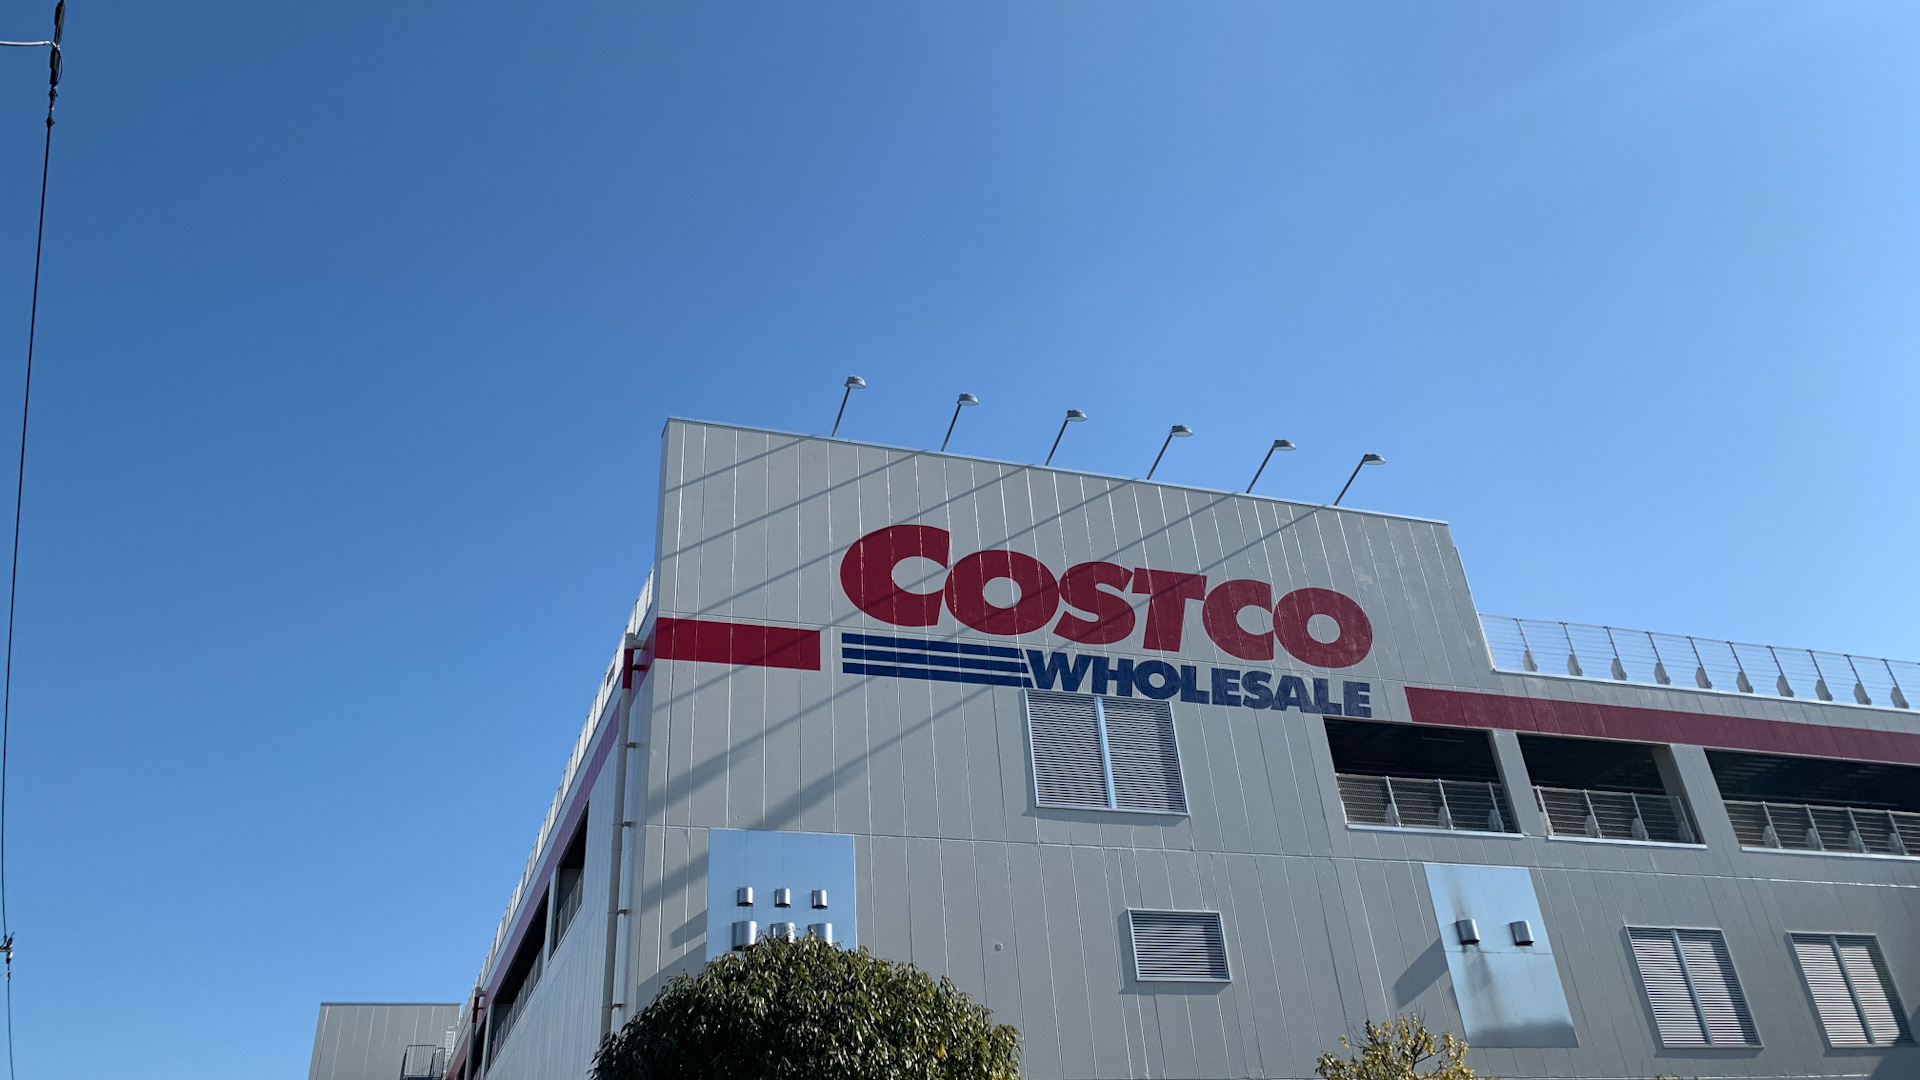 コストコで買いたい食品ランキングTOP17!おすすめの人気商品を厳選